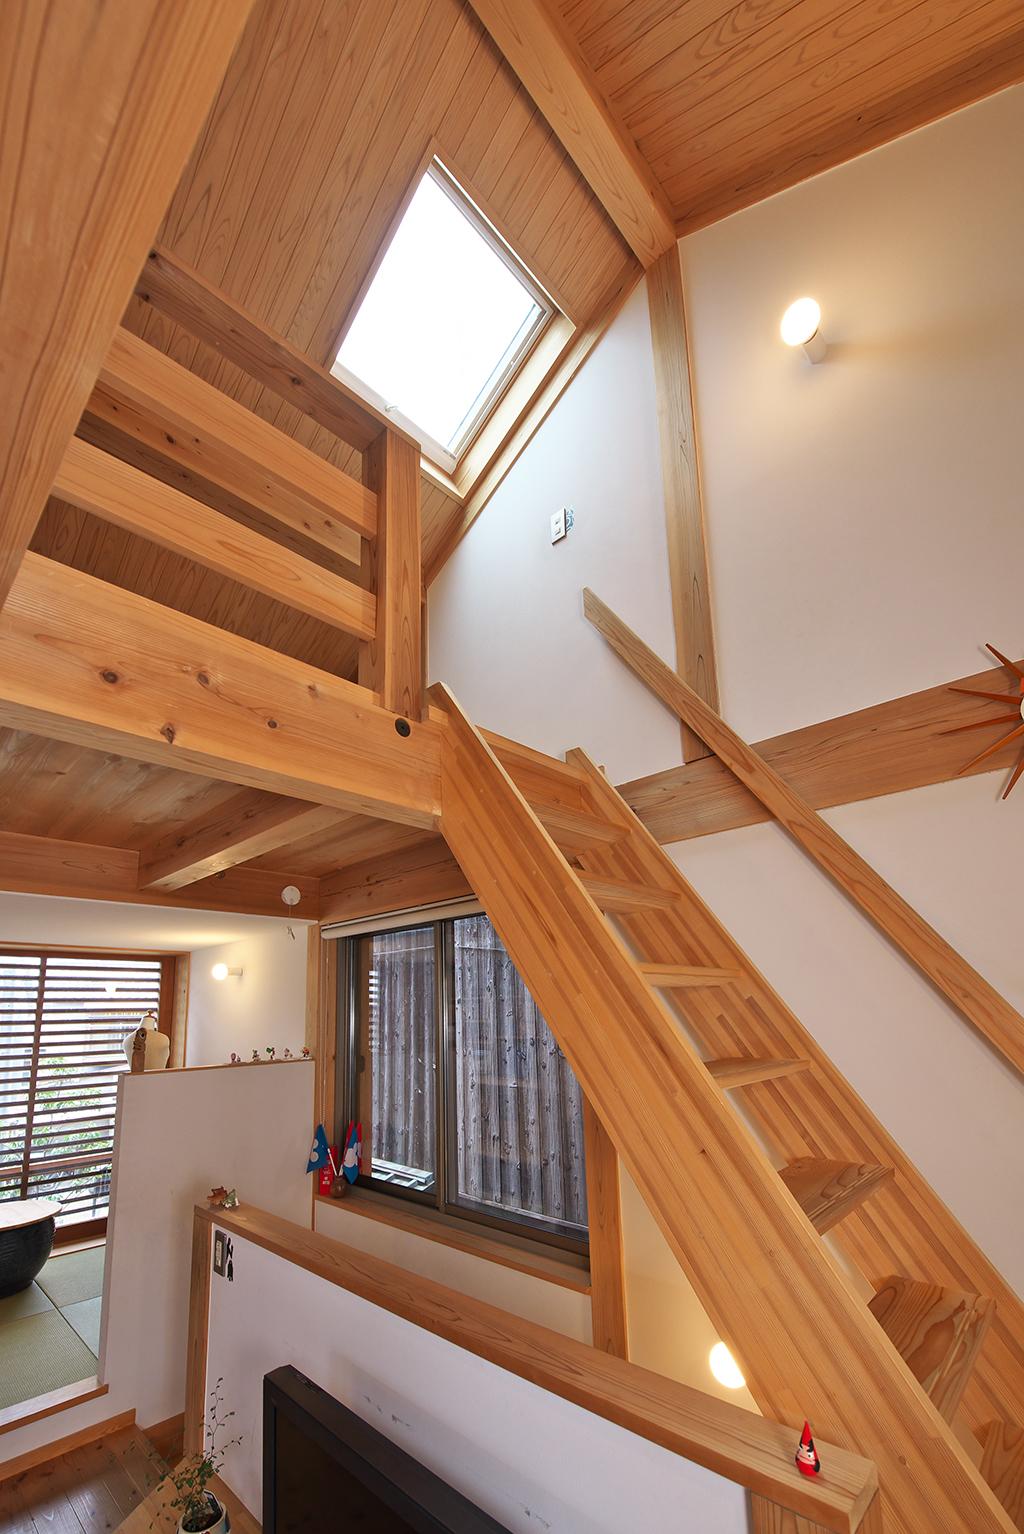 姫路市の木の家 天窓から光が降り注ぐ明るいロフト